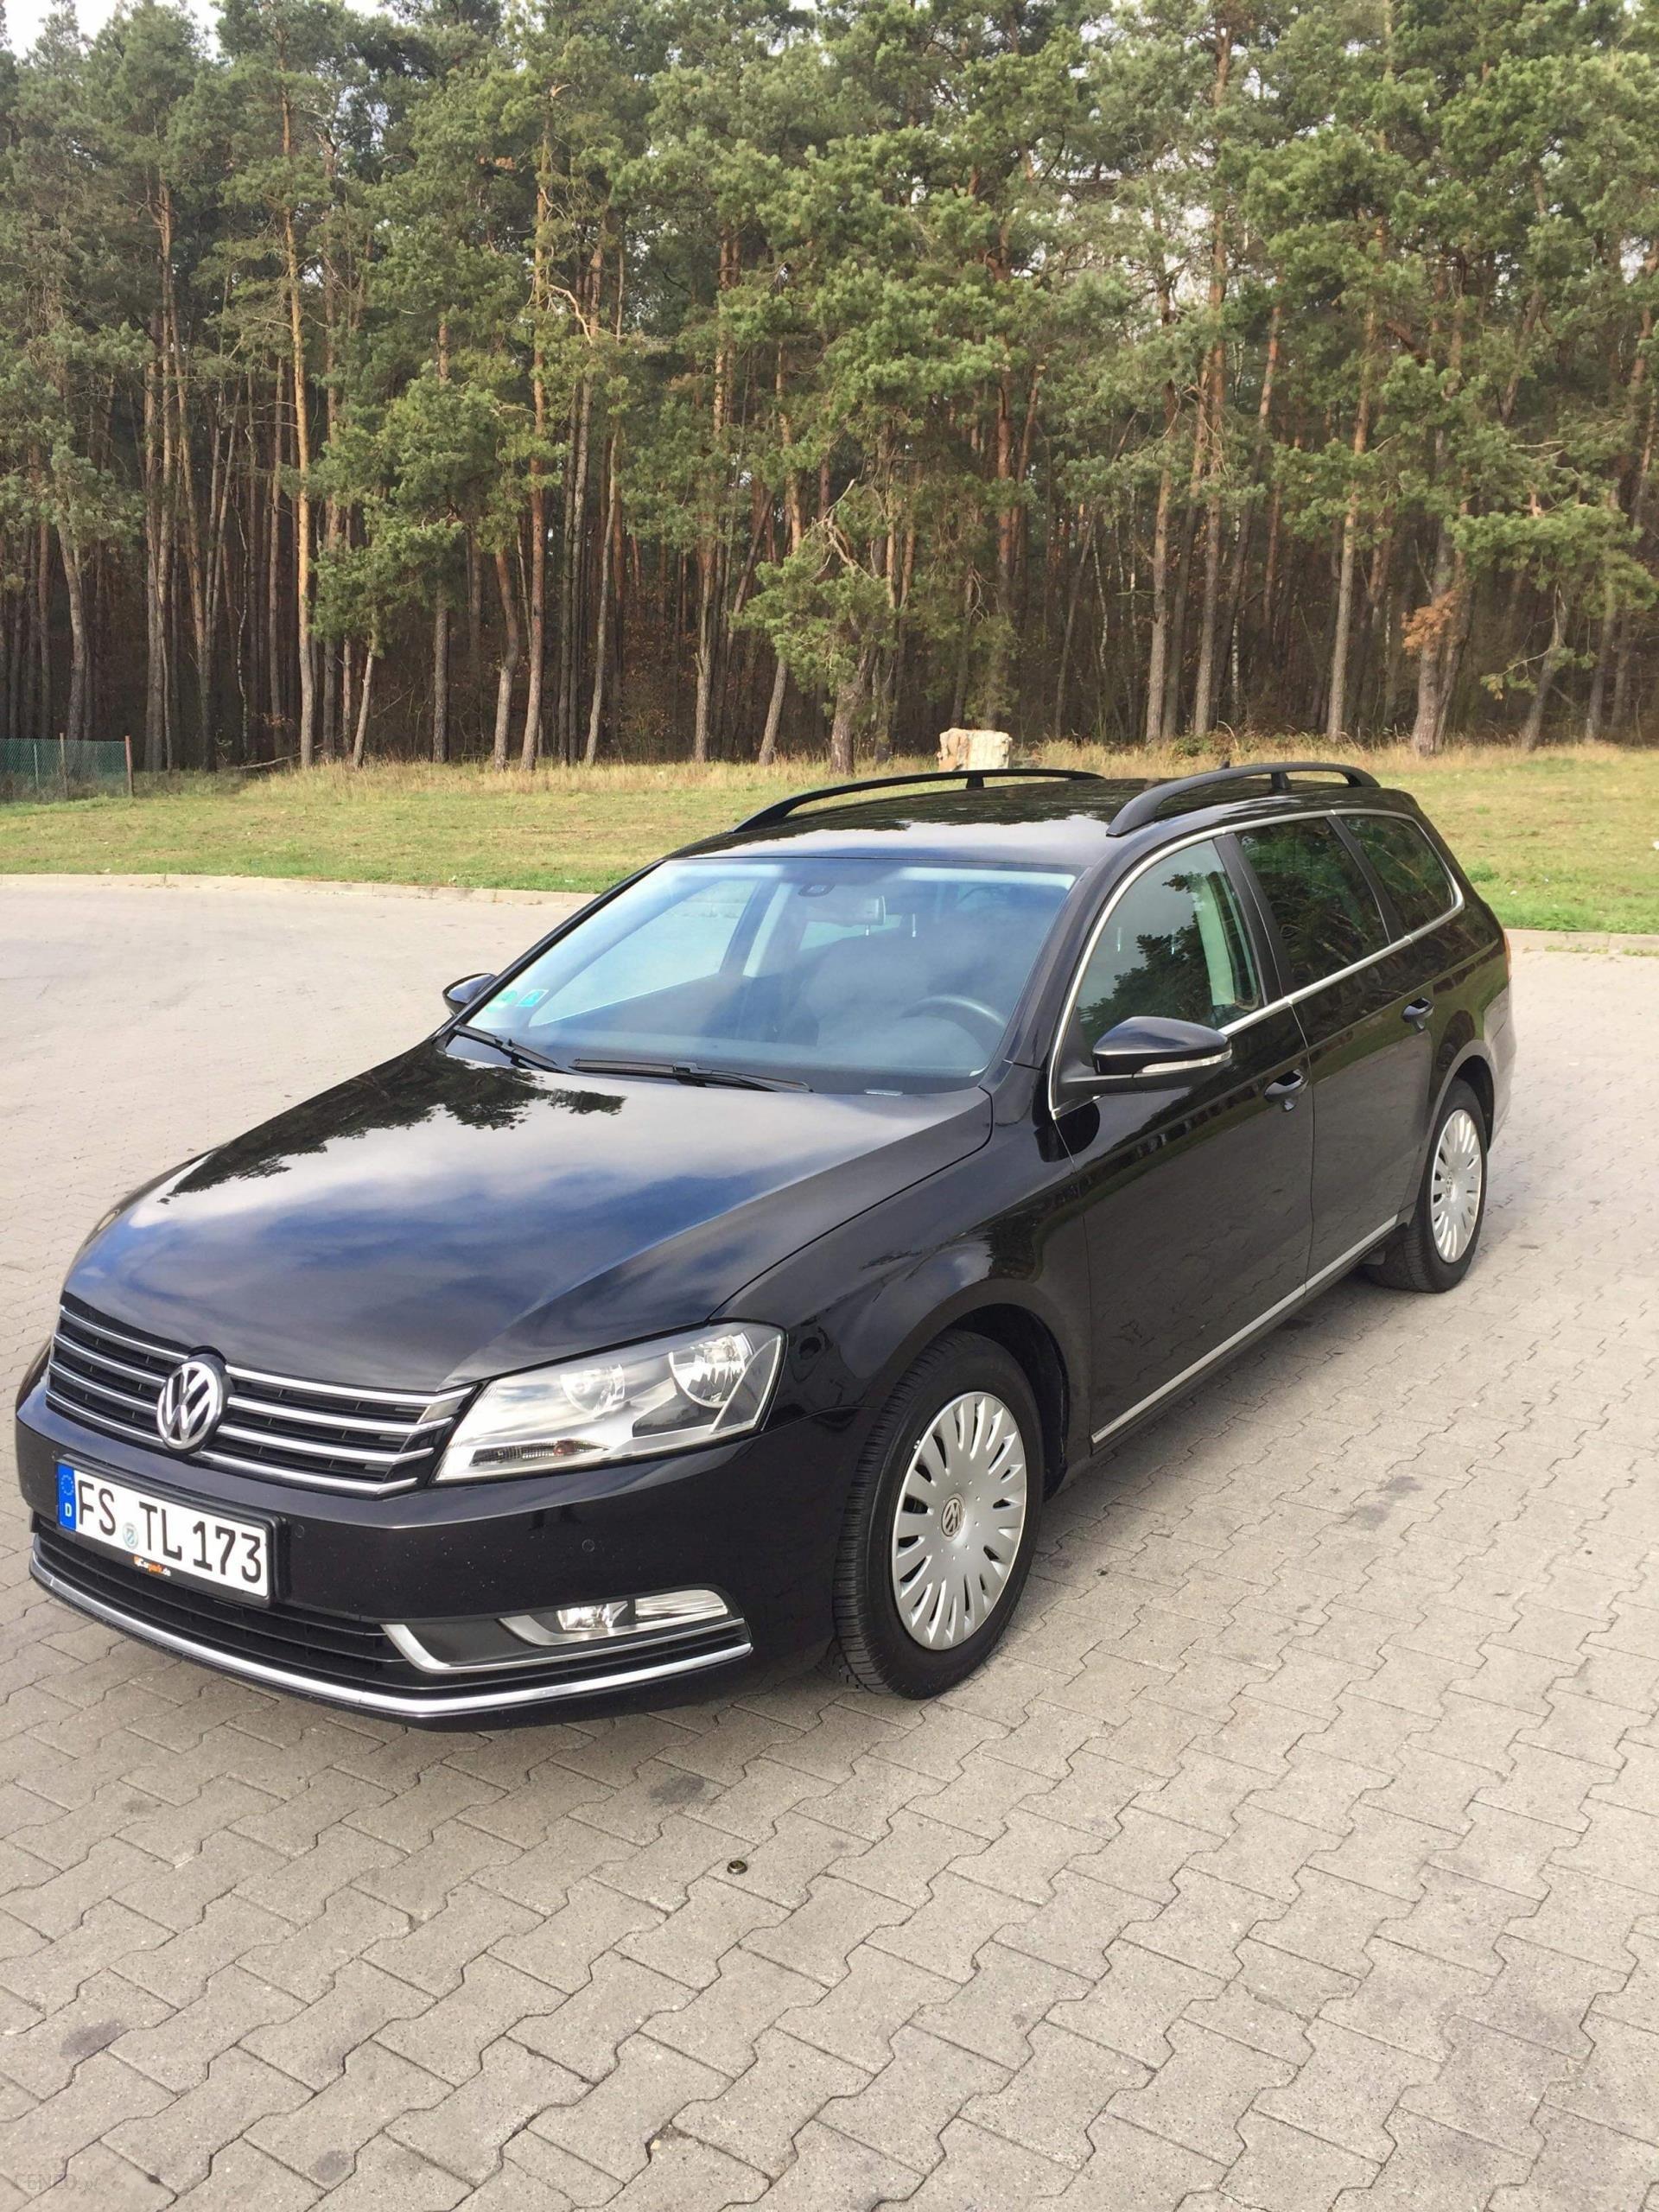 Volkswagen Passat B7 2012 2 0 Tdi 140km Opinie I Ceny Na Ceneo Pl